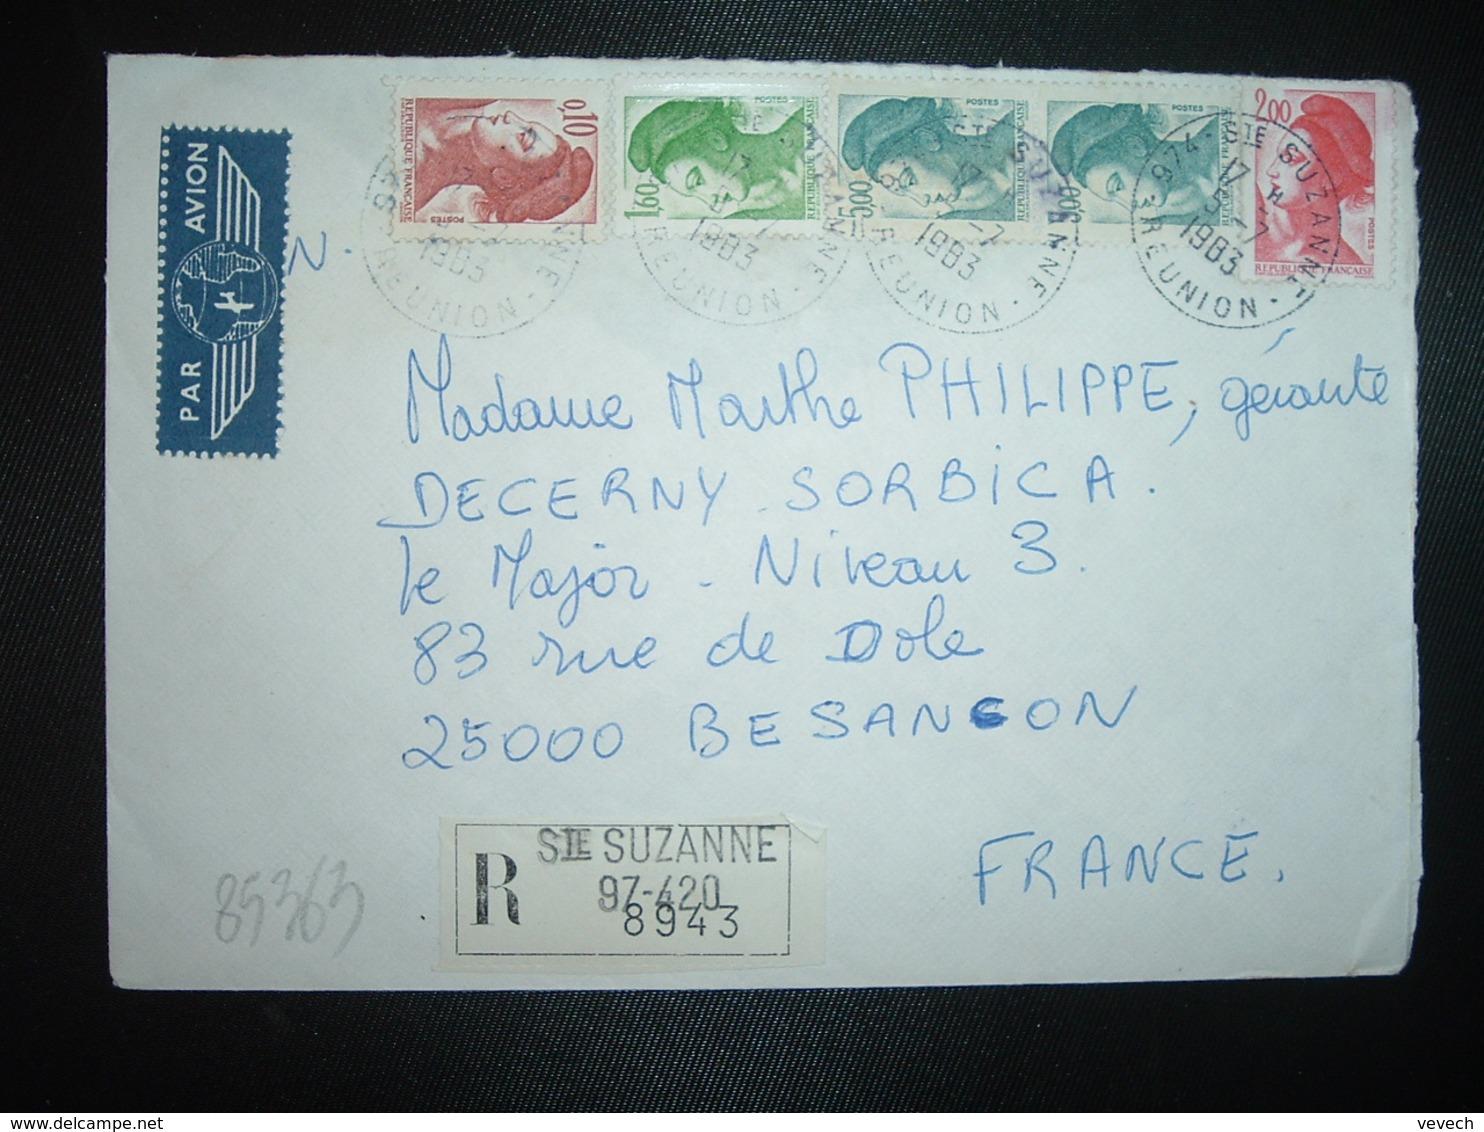 LR TP LIBERTE 5,00 Paire + 2,00 ROUGE + 1,60 VErT + 0,10 OBL.5-7 1983 974 STE SUZANNE REUNION - Marcophilie (Lettres)